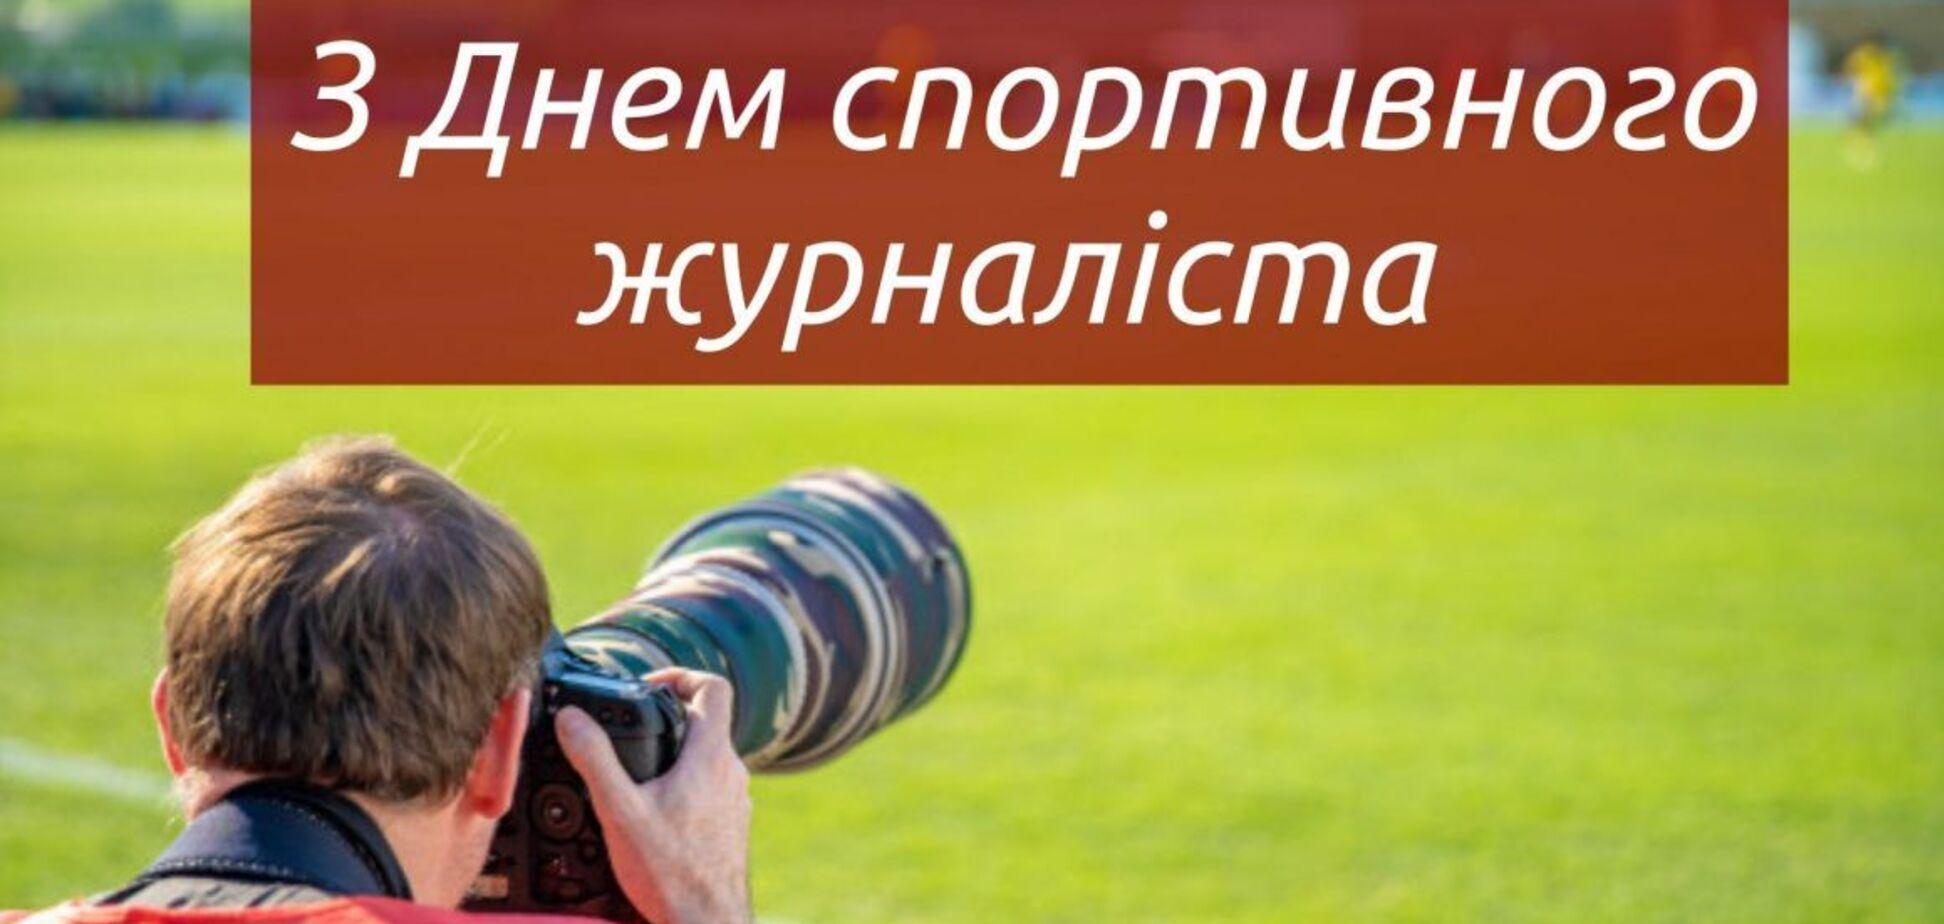 День спортивного журналіста відзначається 2 липня